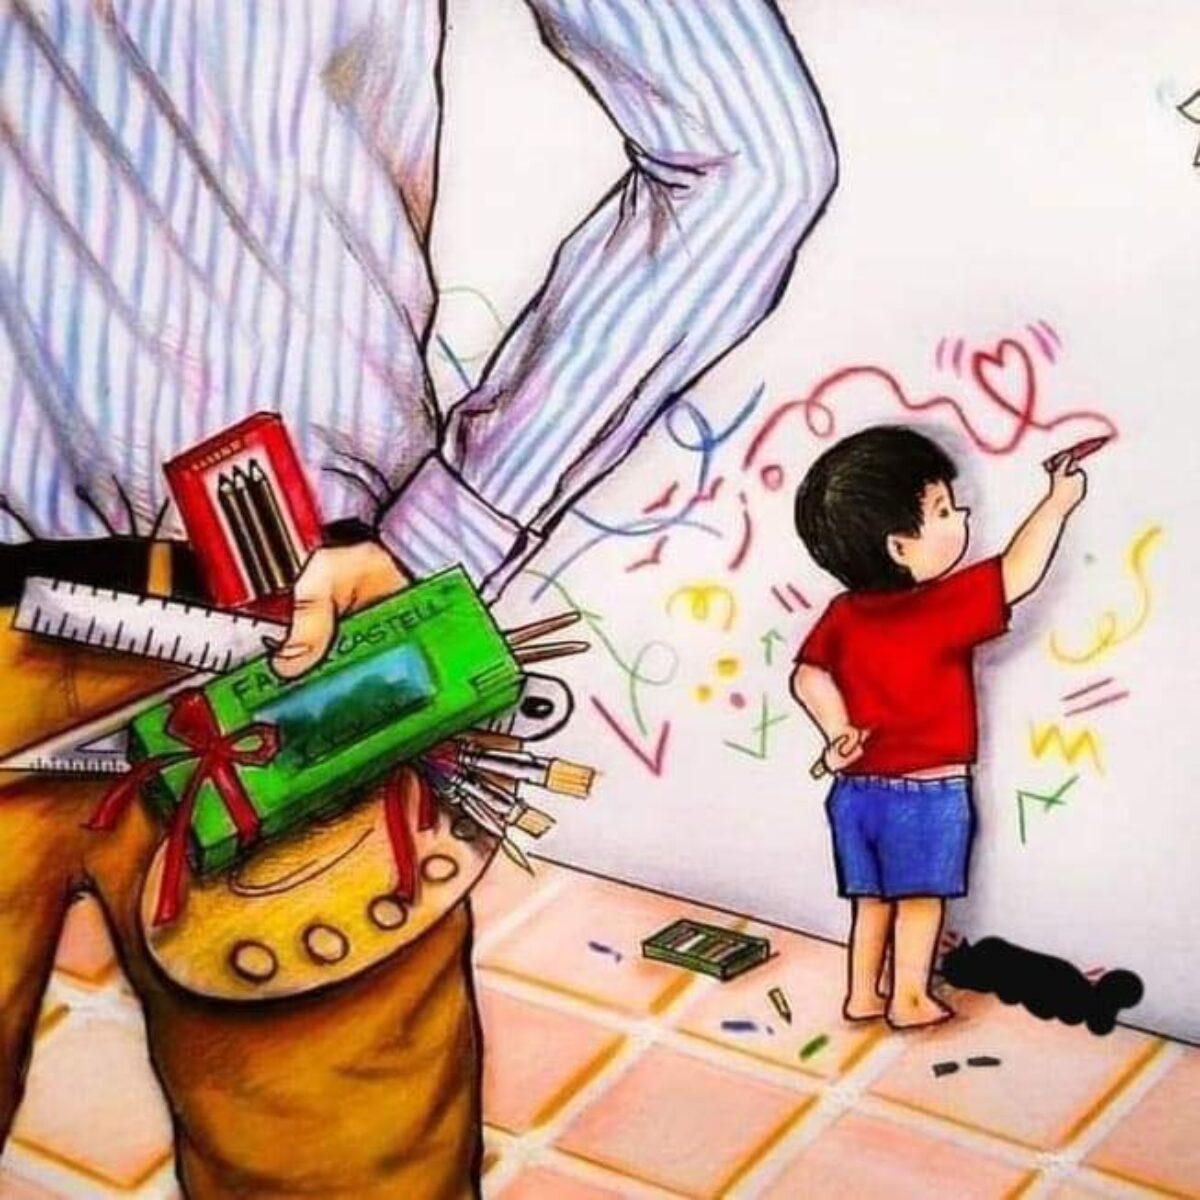 Εσύ αποφασίζεις πώς θέλεις να σε θυμούνται τα παιδιά σου.